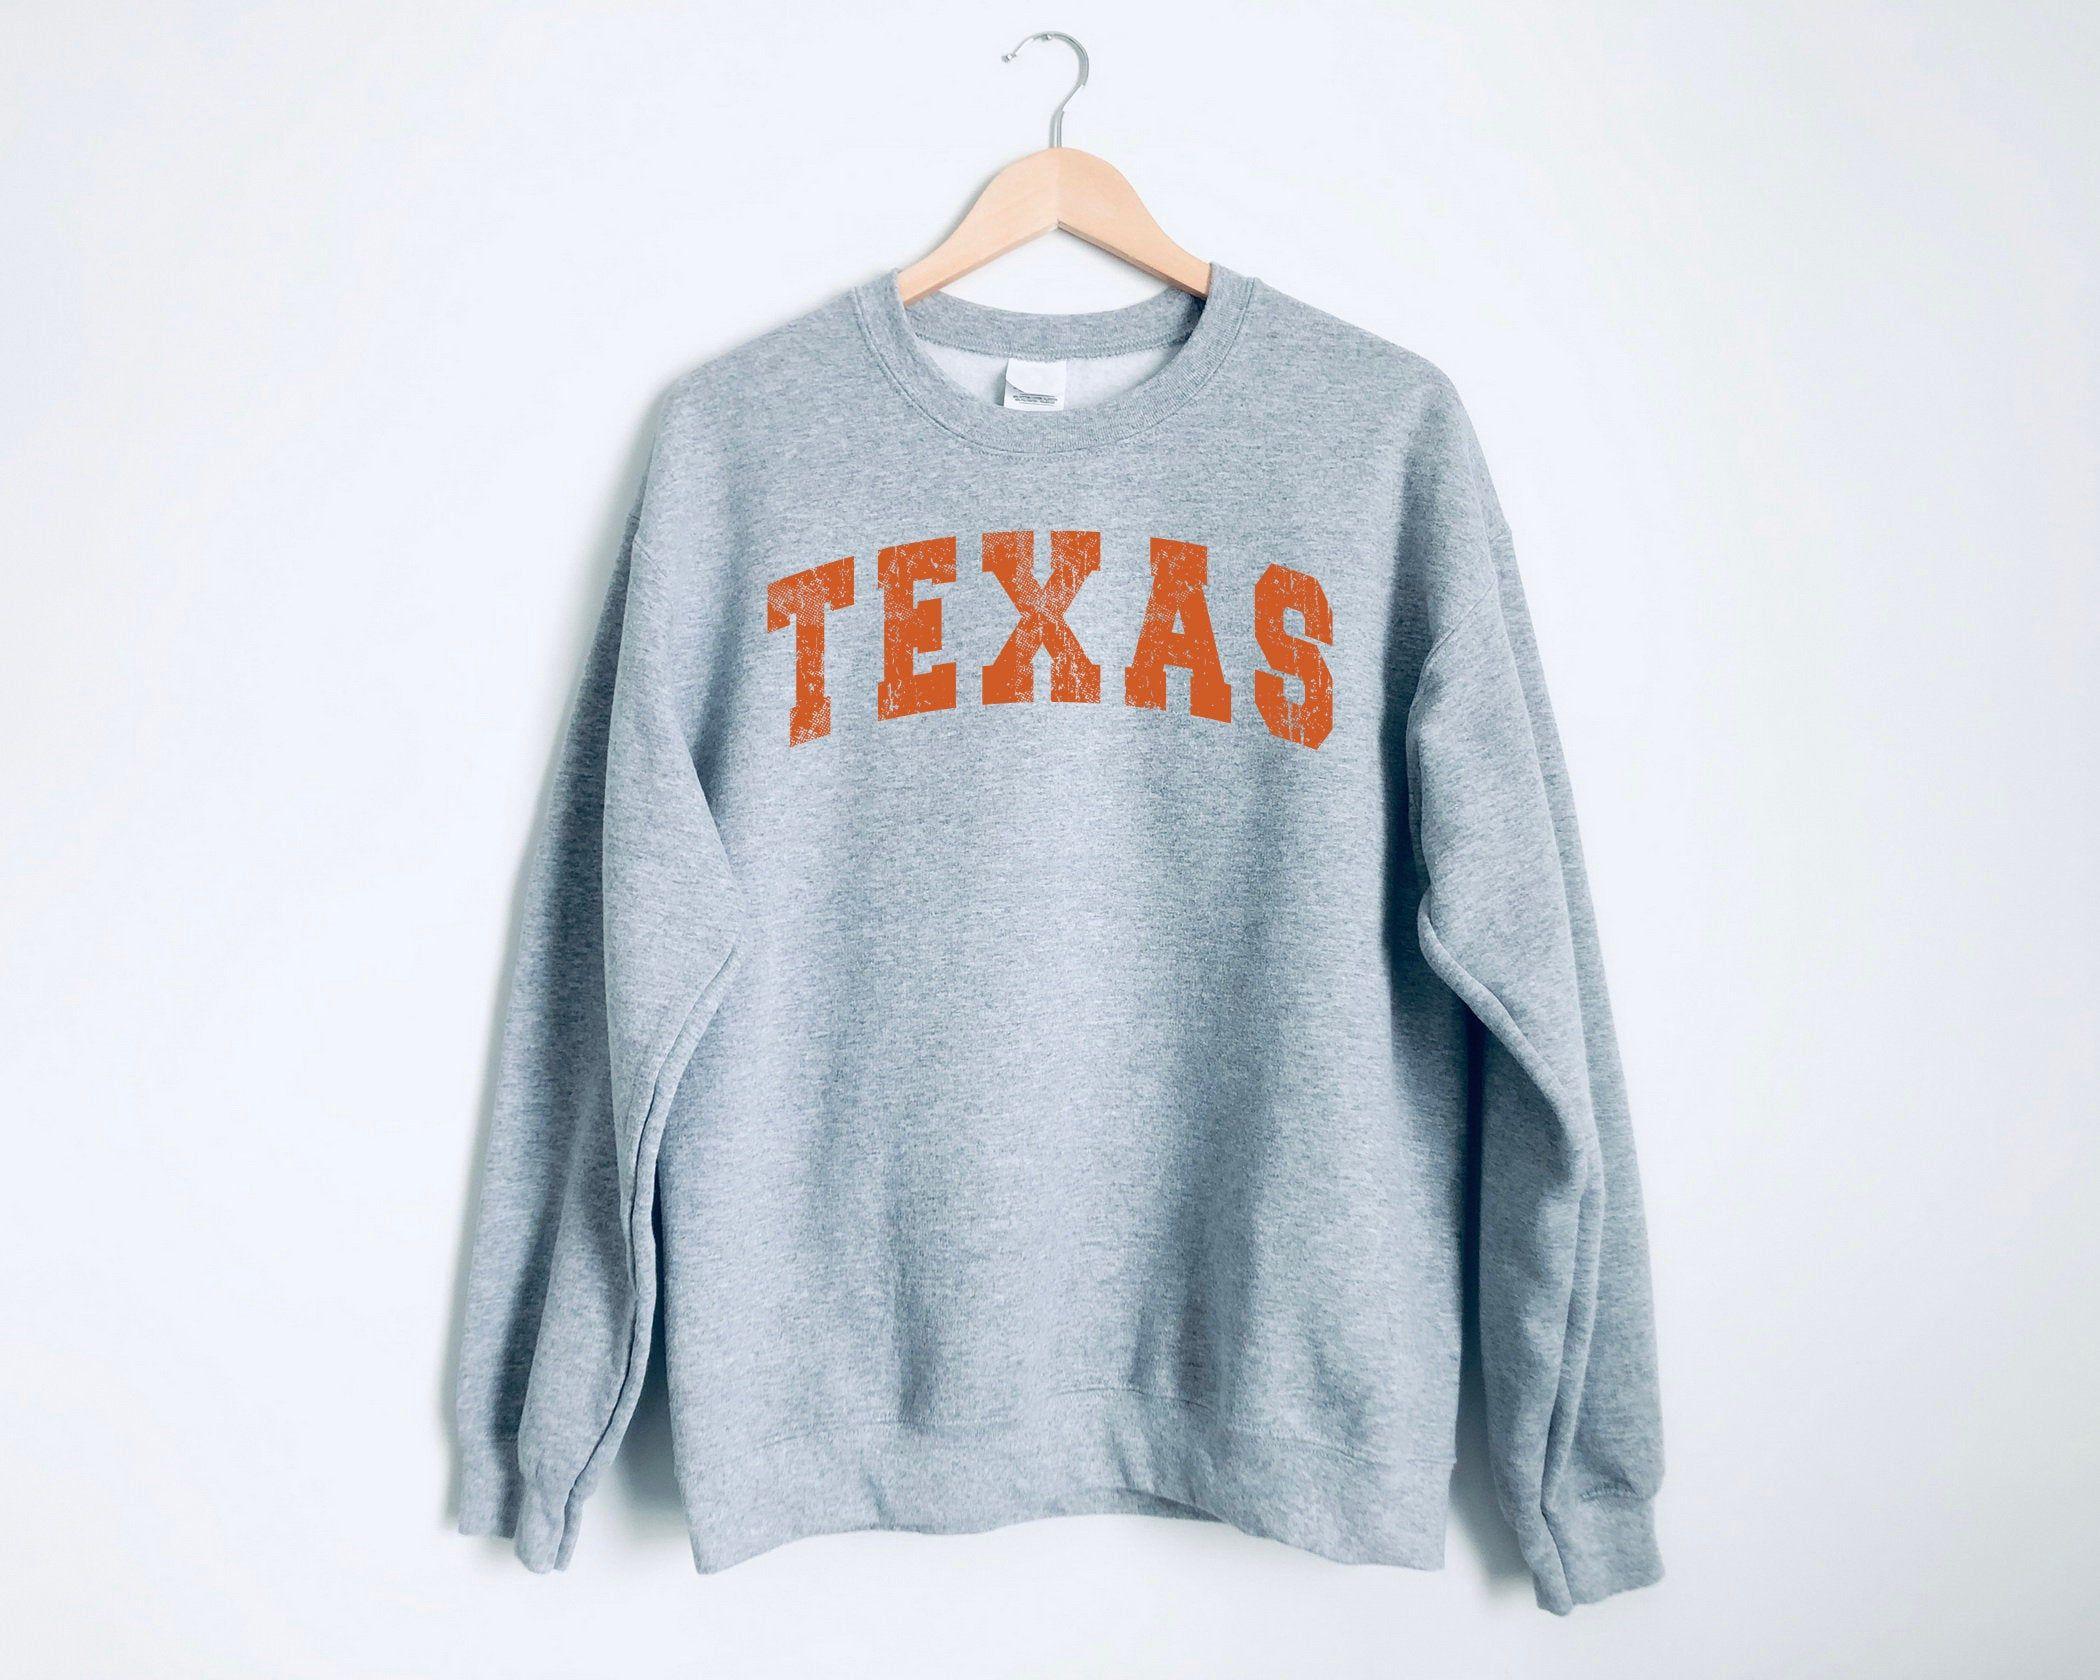 Texas Crewneck Sweatshirt Texas Sweatshirt Texas Football Etsy Sweatshirts Vintage Crewneck Sweatshirt Crew Neck Sweatshirt [ 1680 x 2100 Pixel ]